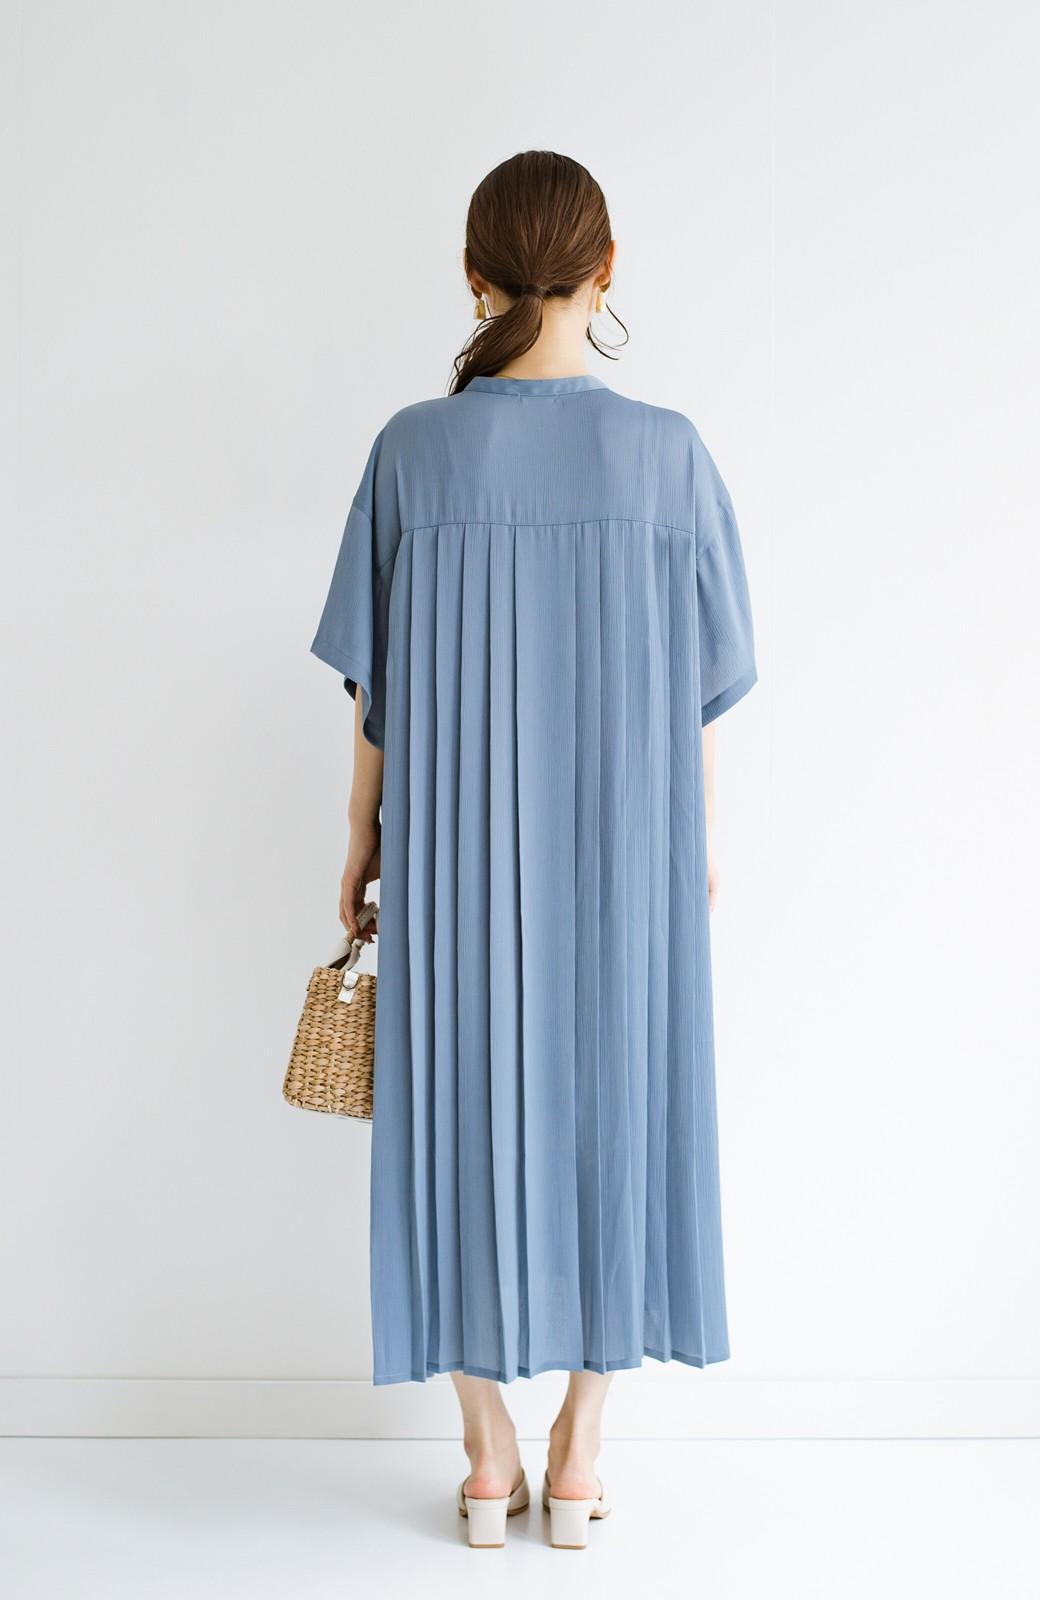 haco! 羽織としてもワンピースとしても着られちゃう 後ろ姿まで抜かりなくかわいいプリーツワンピース <ブルー>の商品写真19